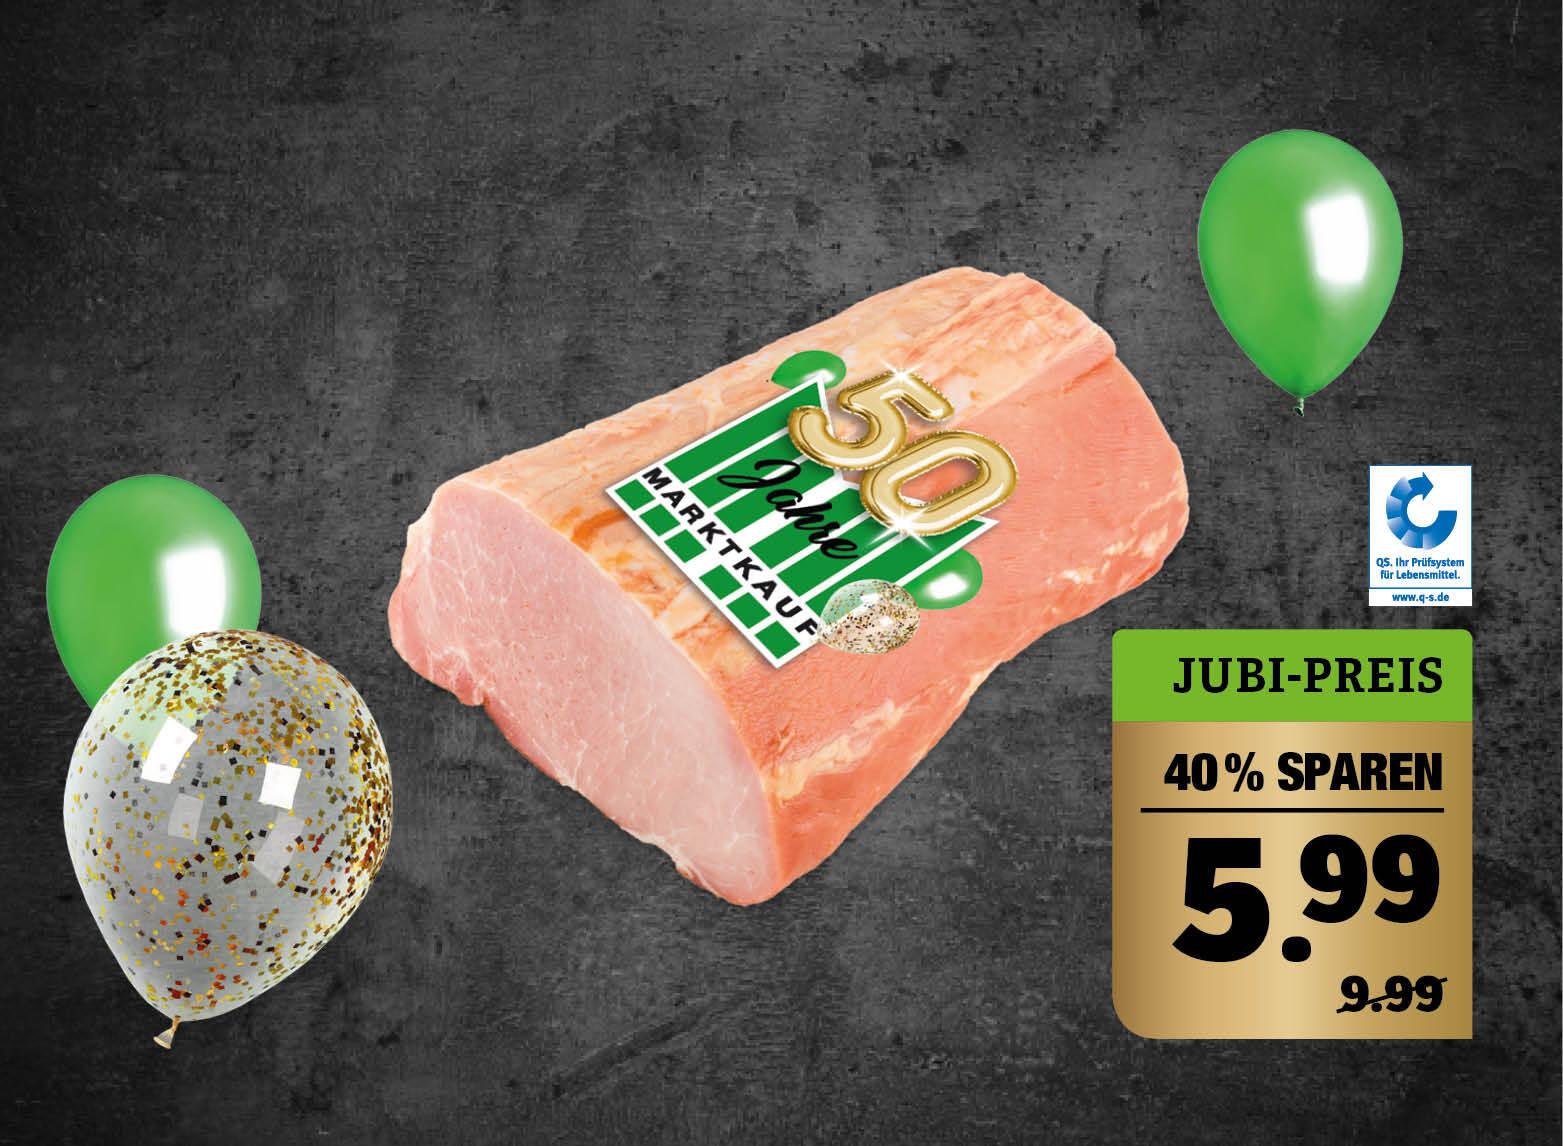 Jubiläums Kasseler Lachs - roh, ohne Knochen, goldgelb geräuchert, verschiedene Gewichte, SB-Packung 1kg.